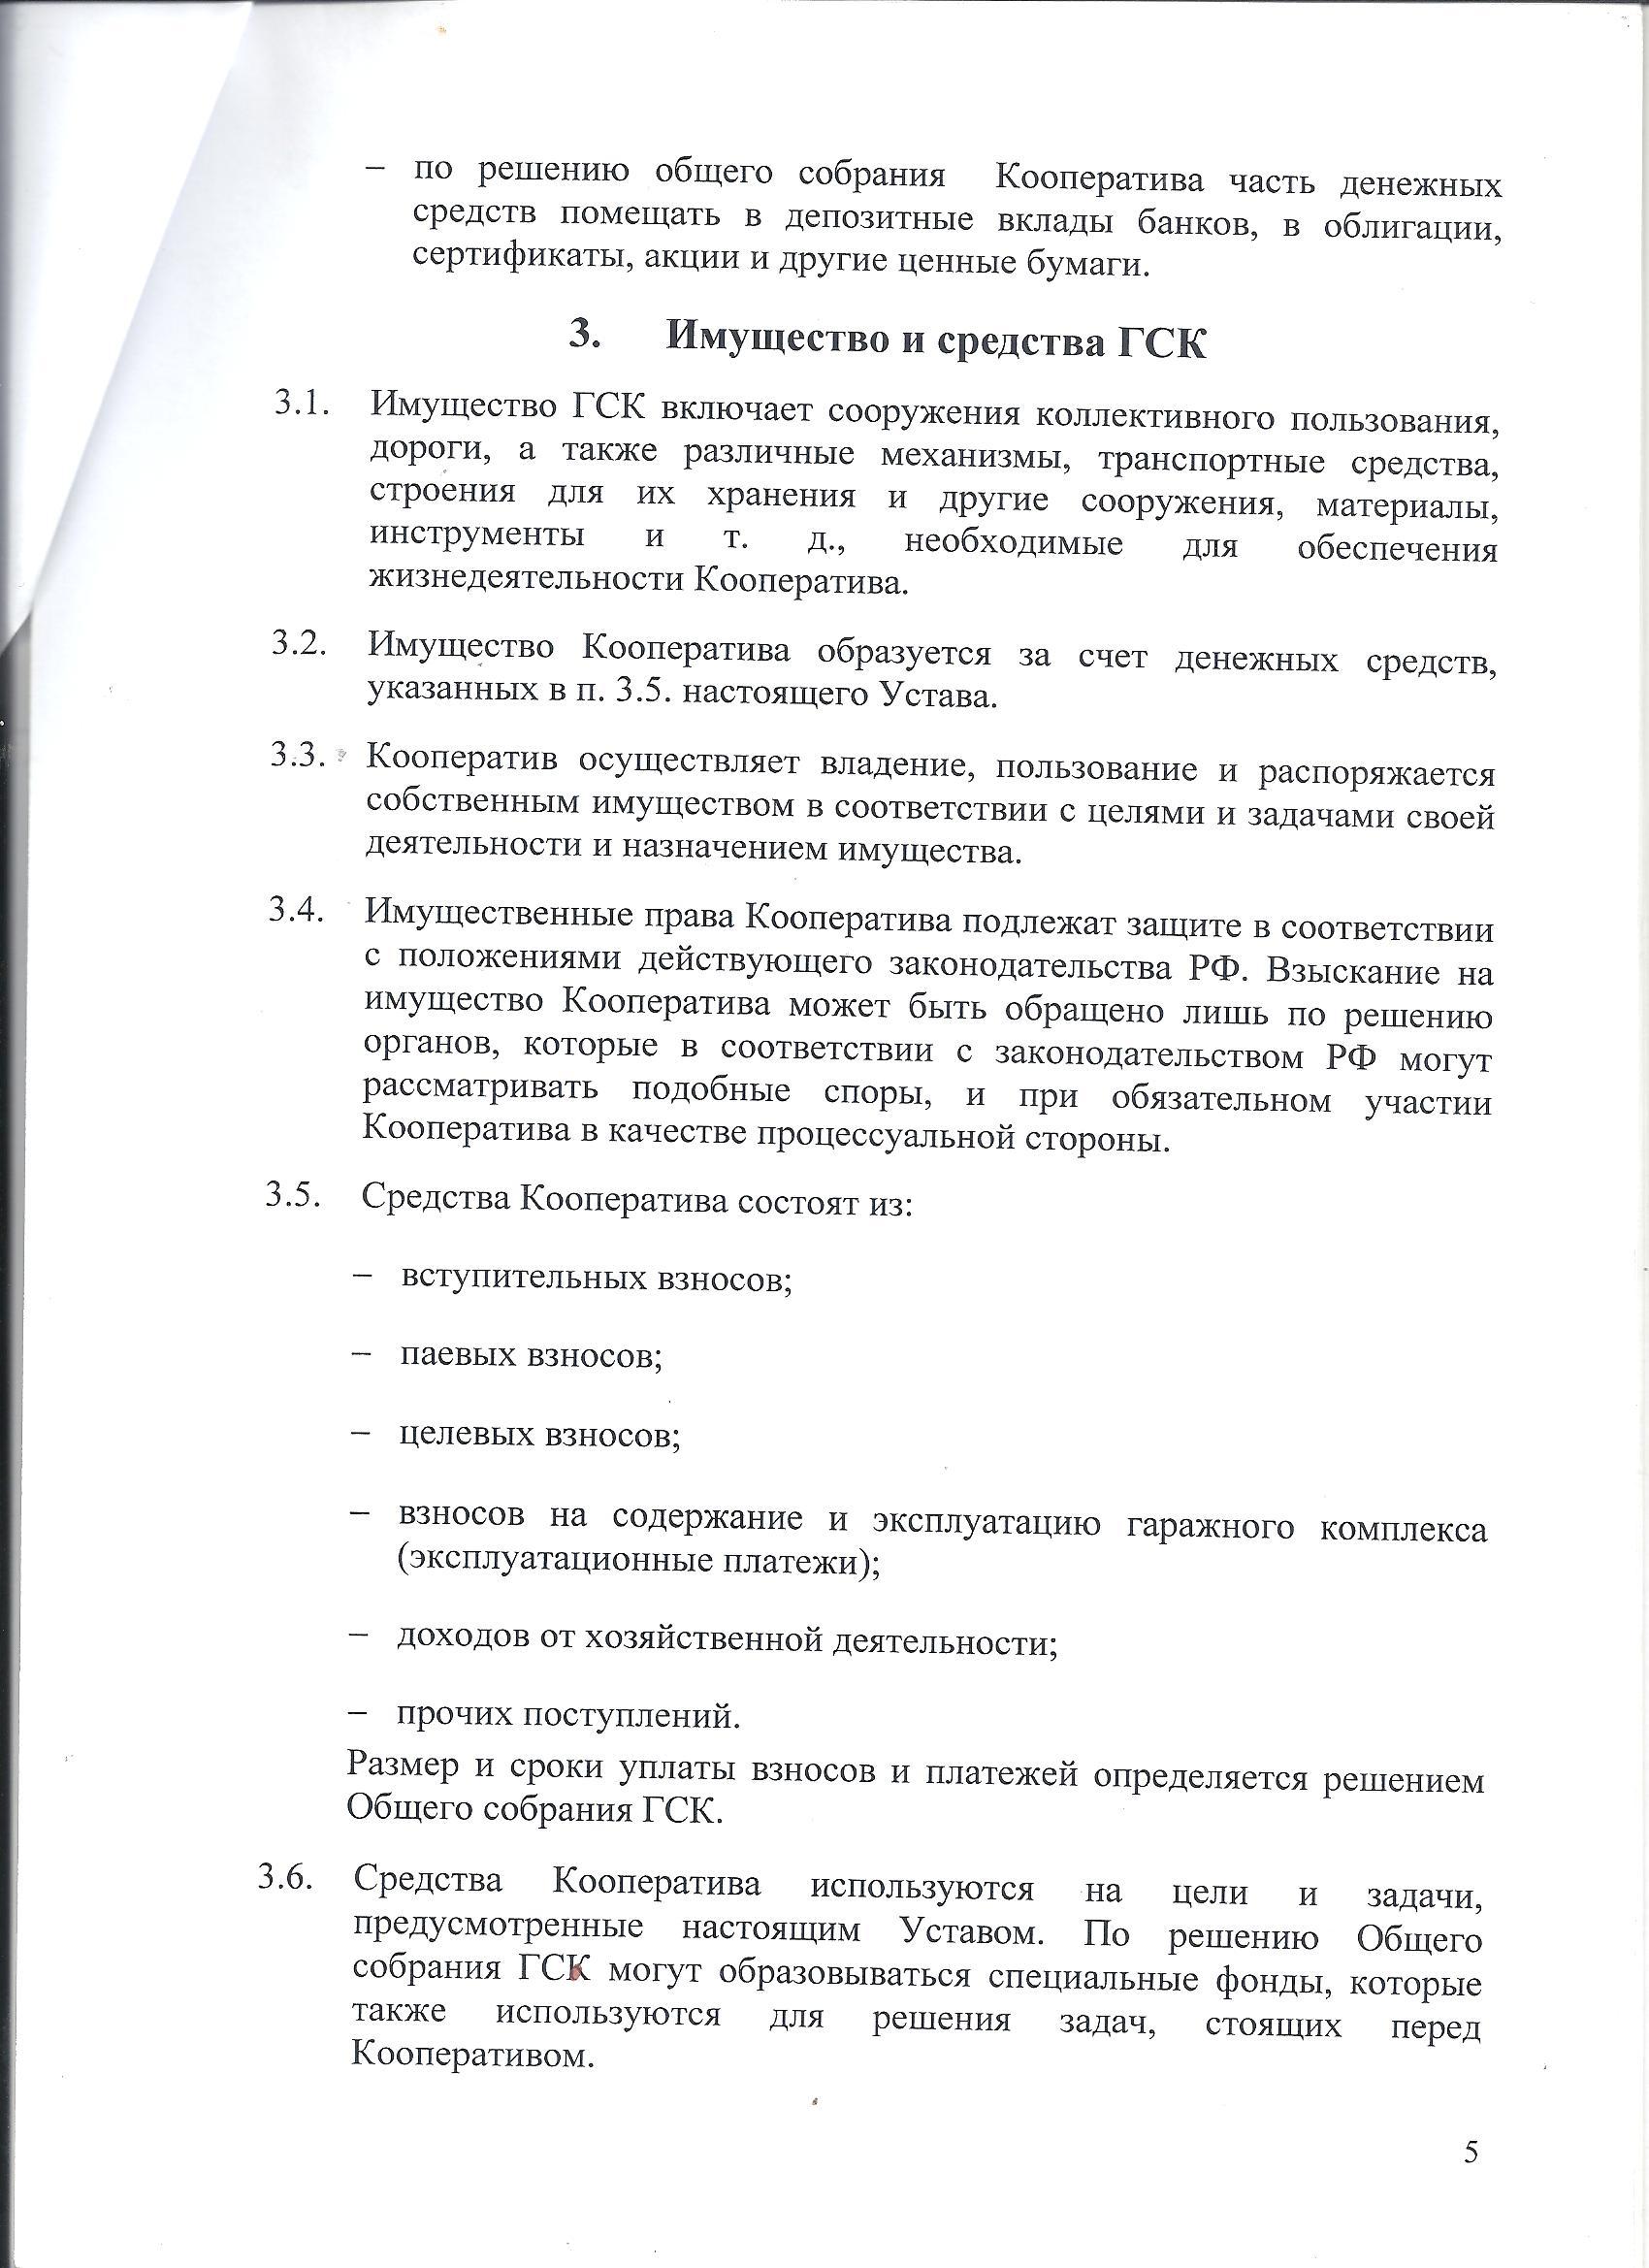 http://forumupload.ru/uploads/0018/e6/9c/2/650238.jpg